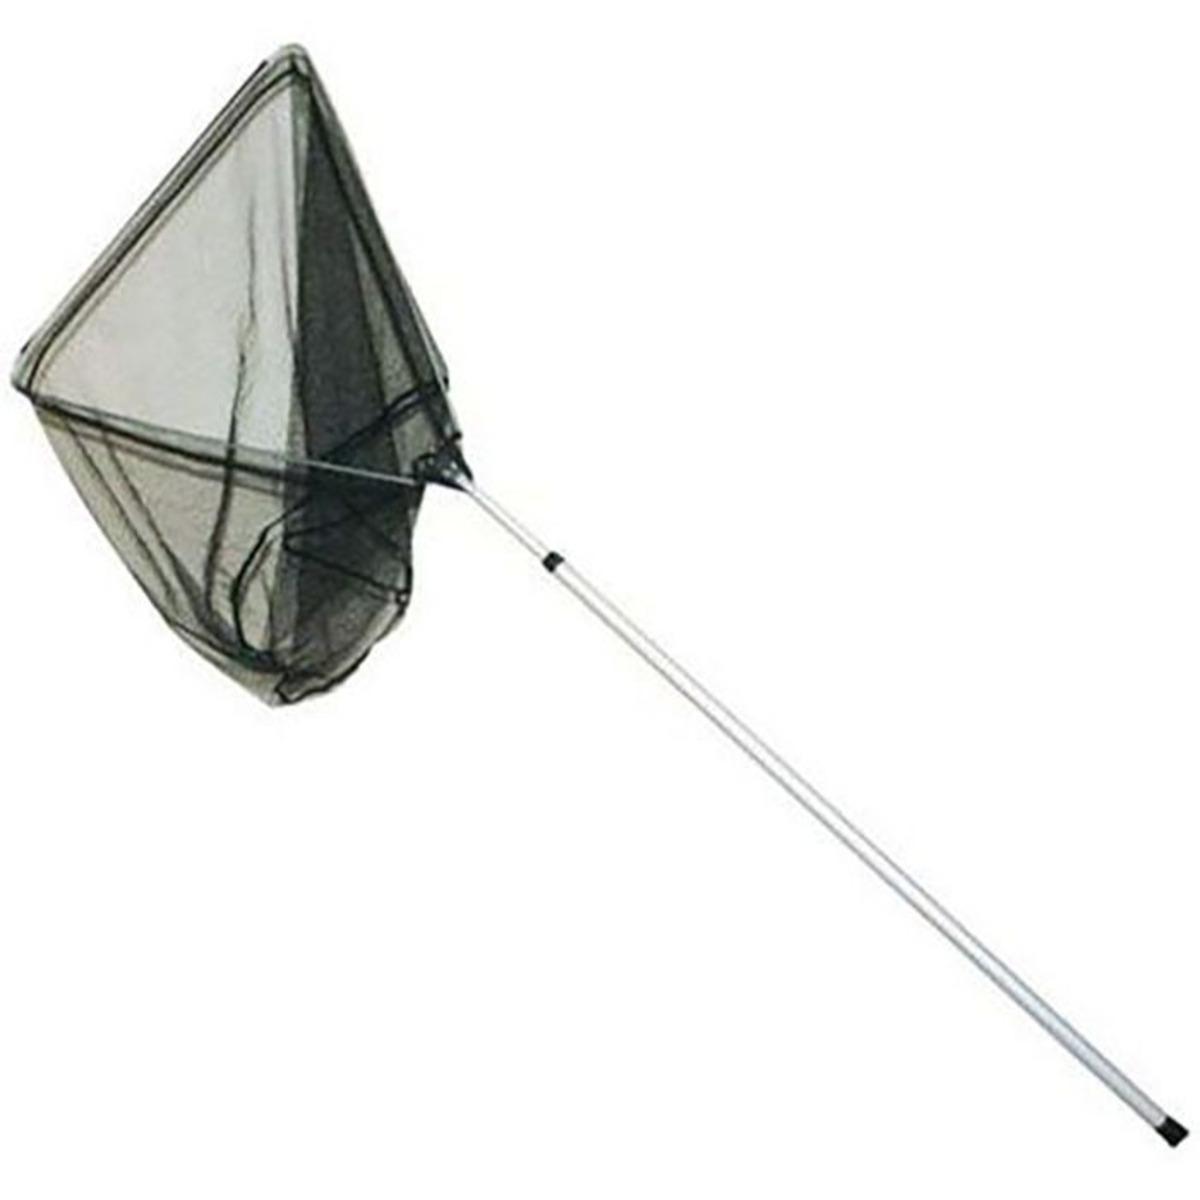 Zebco Tele Landing Net - 1.60 m - 40x40 cm - 6x6 mm